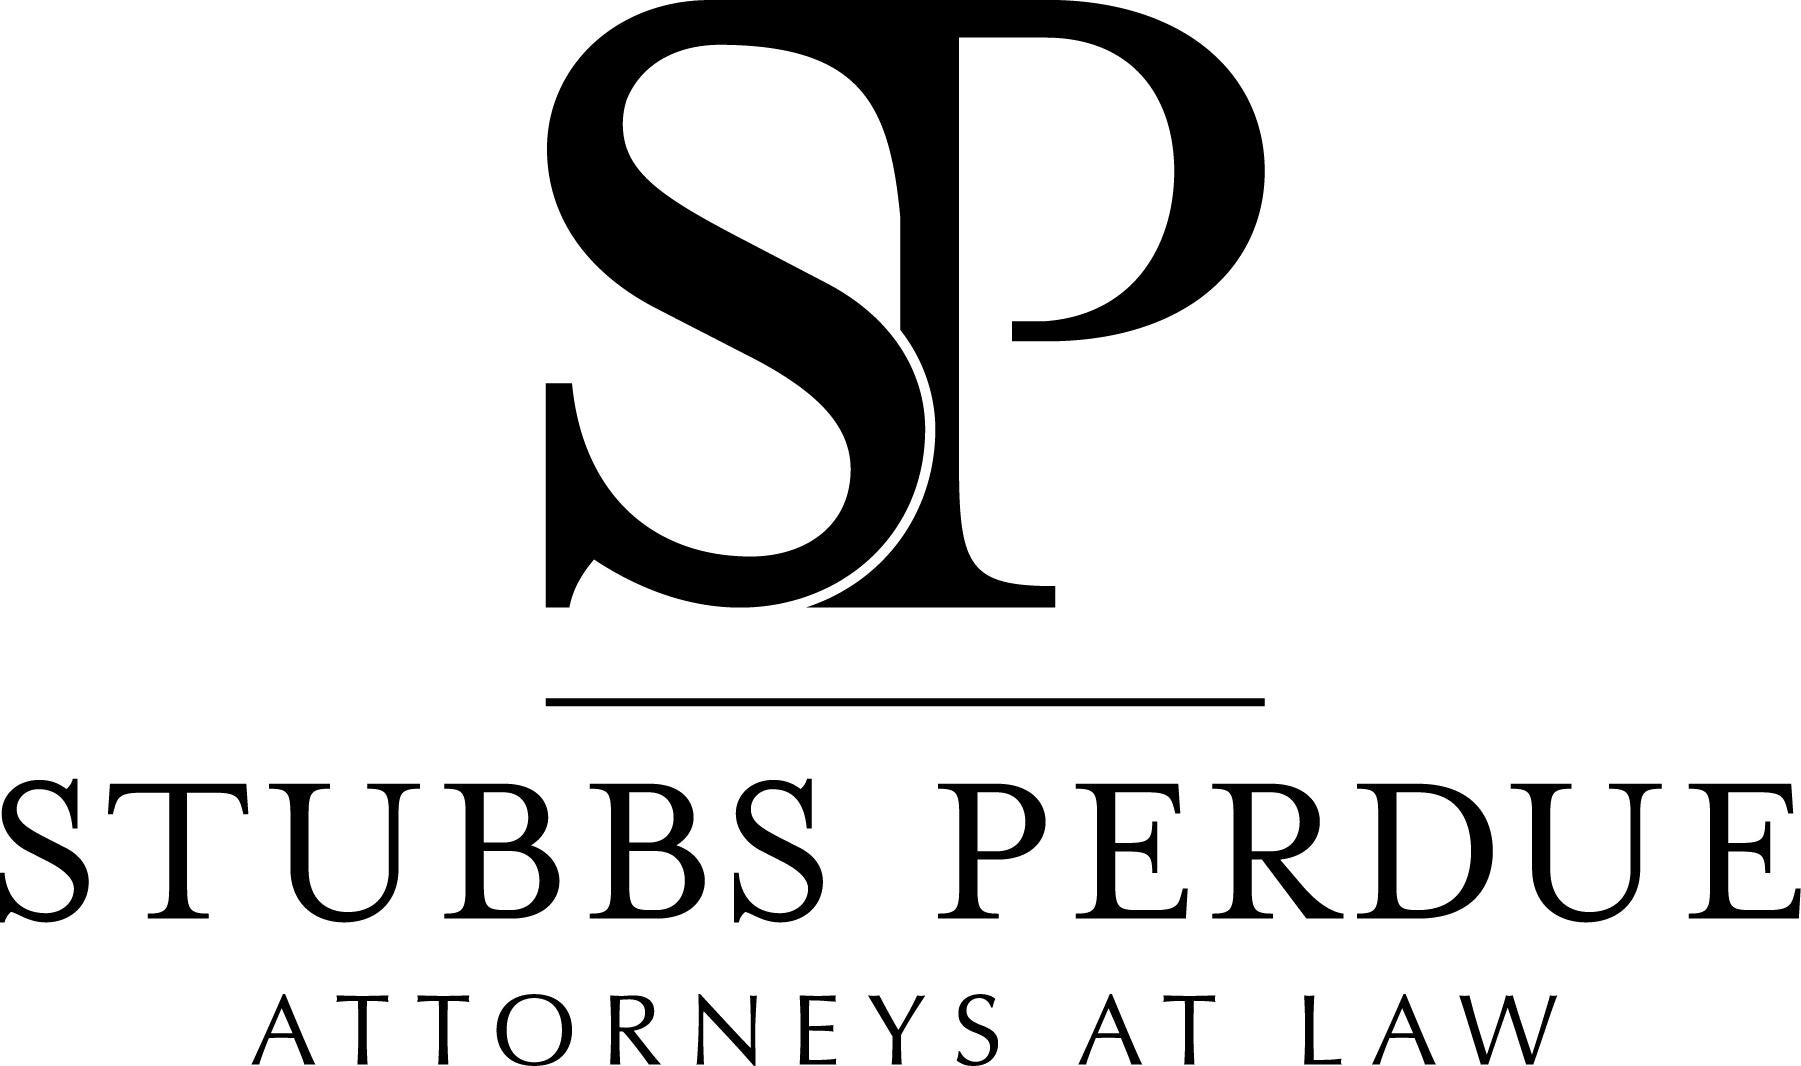 StubbsPerdue logo 11-21